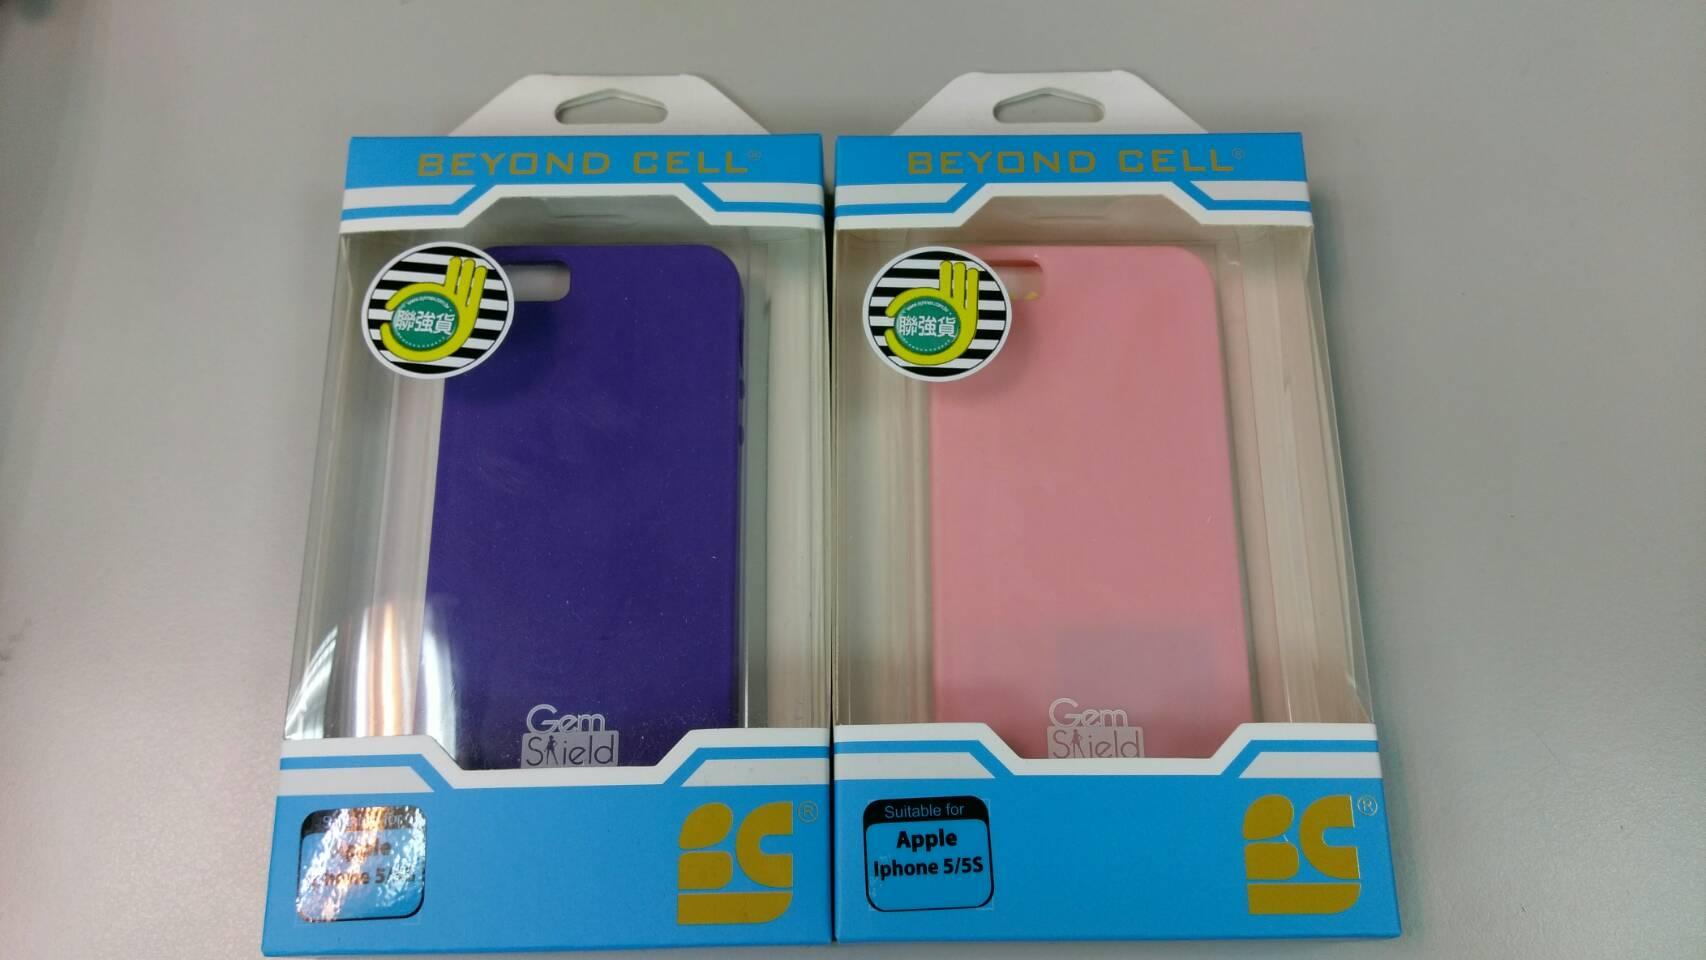 買一送一 贈保護貼☆iPhone 5/5s SE 保護殼 軟背蓋 全新公司貨 好買網